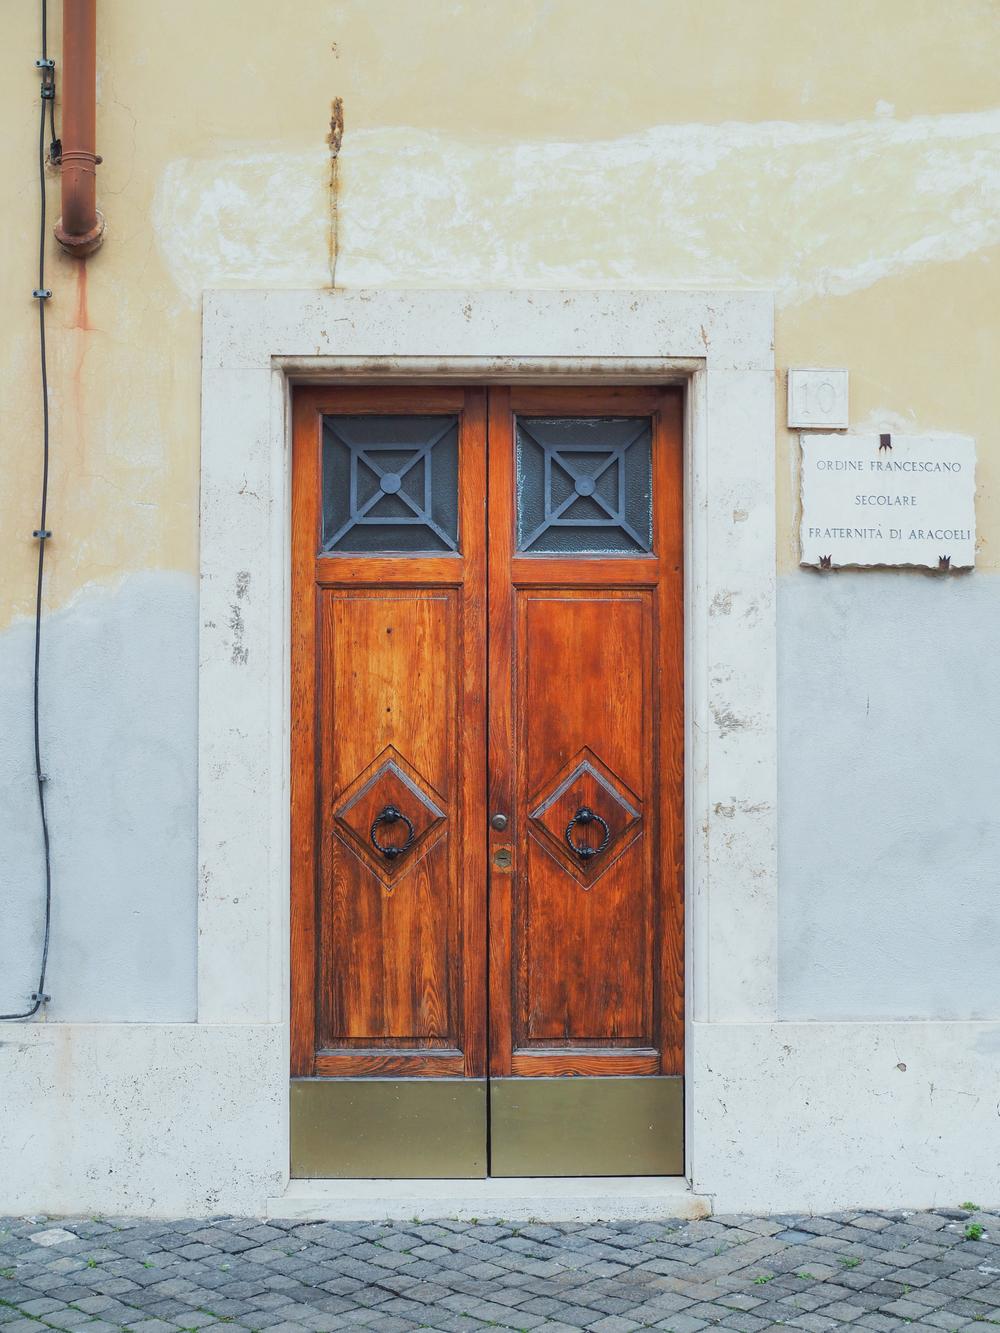 rome-italy-photo-diary-3-16